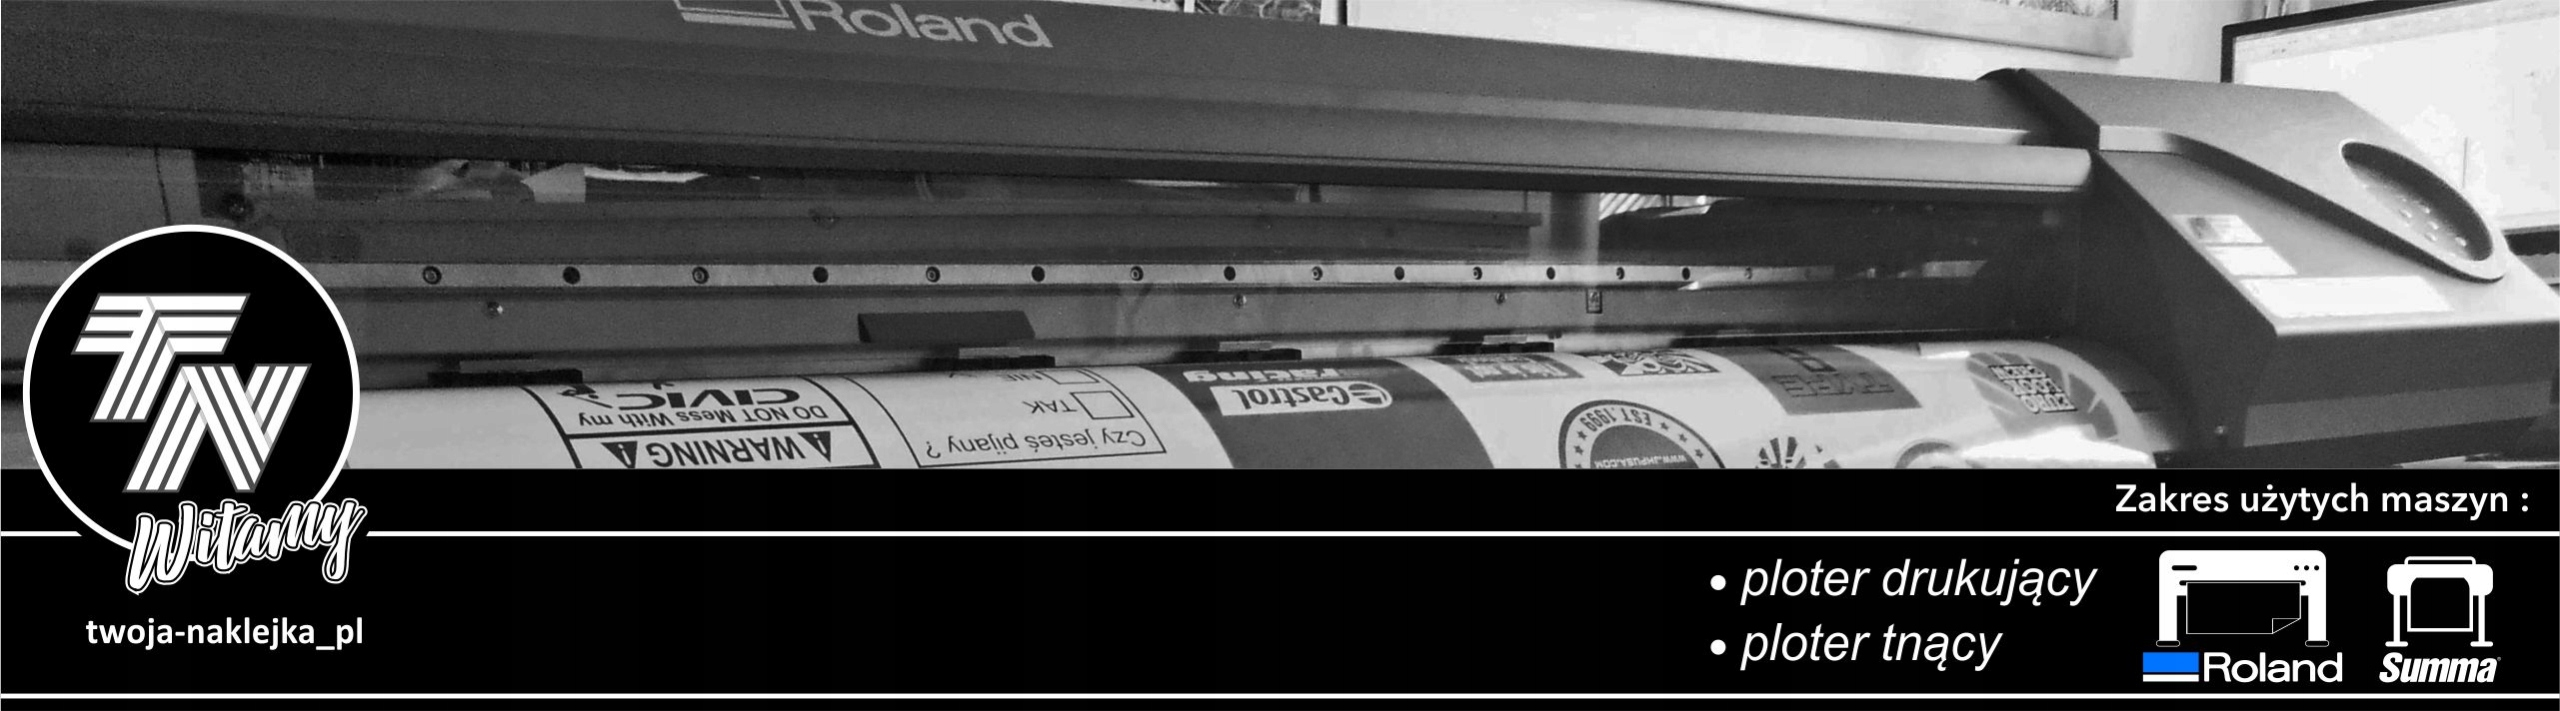 [МОТОР ТЮНИНГ НАКЛЕЙКИ ПЕЧАТЬ большой набор 60 x 44 см]изображение 13